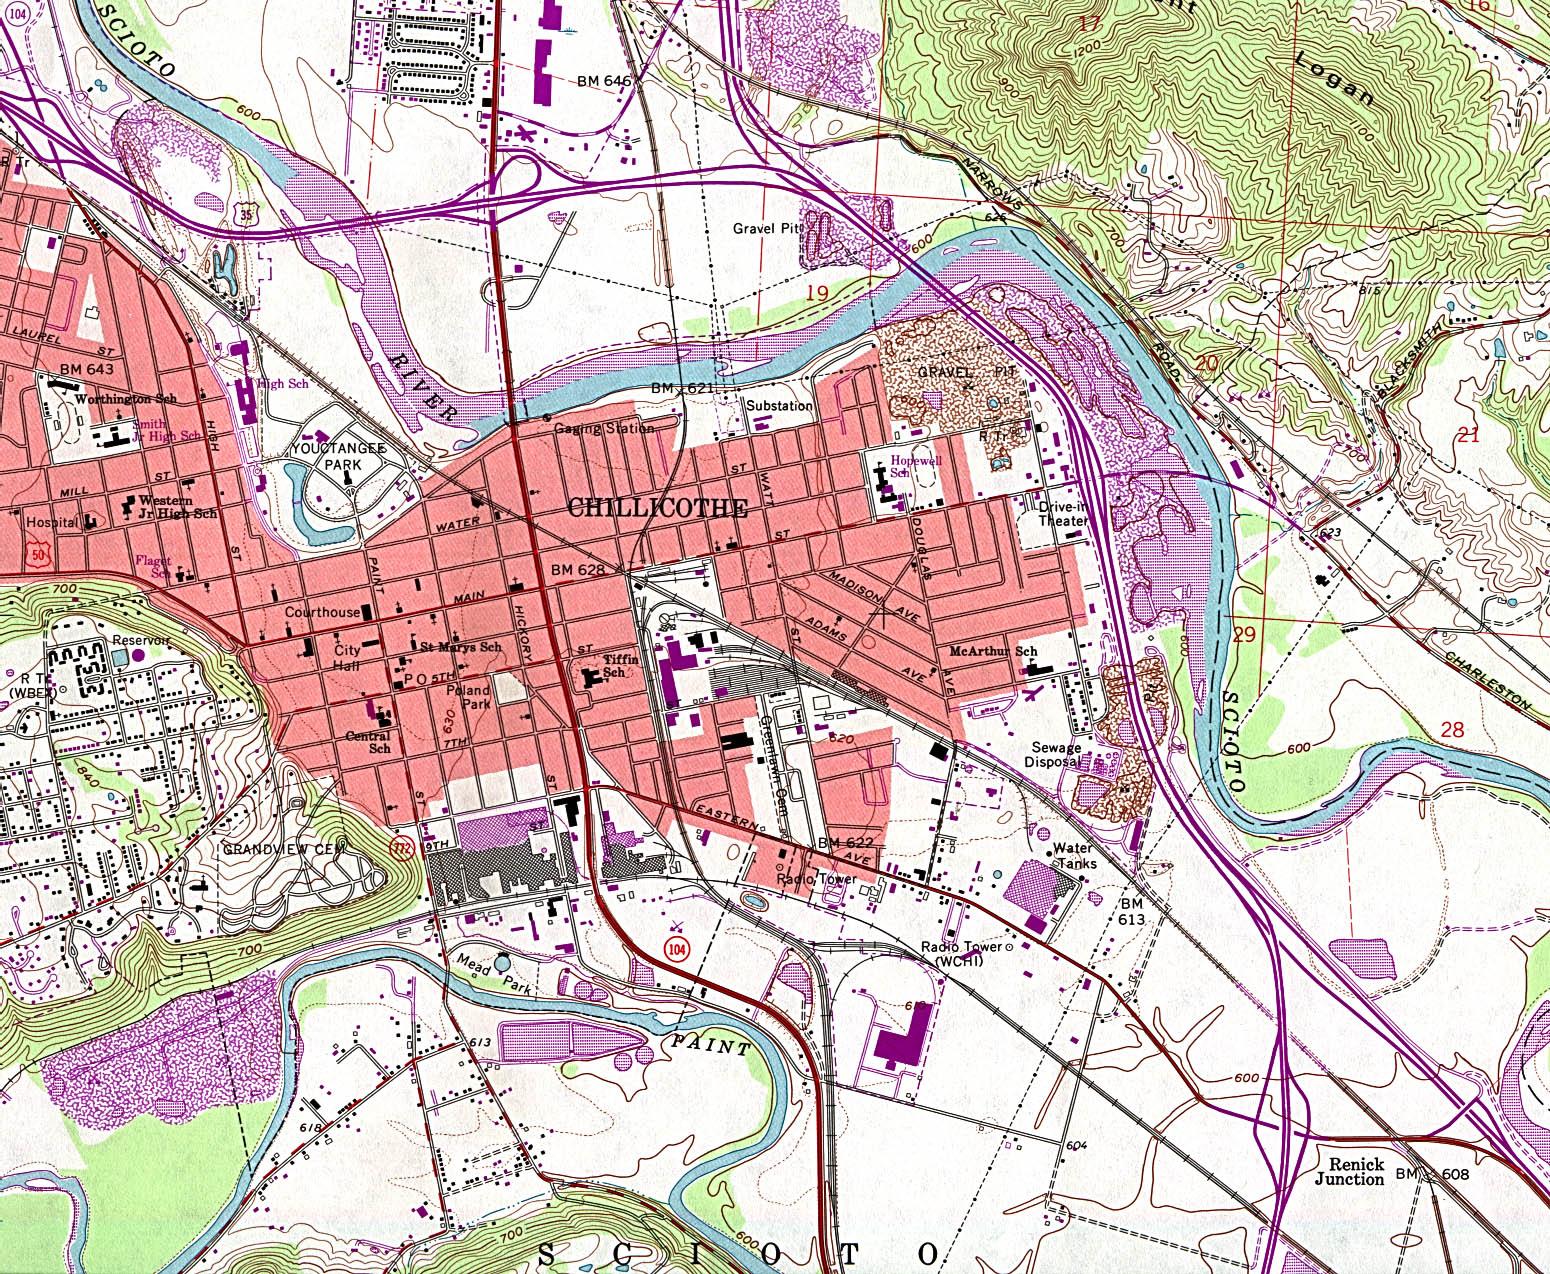 Mapa Topográfico de la Ciudad de Chillicothe, Ohio, Estados Unidos